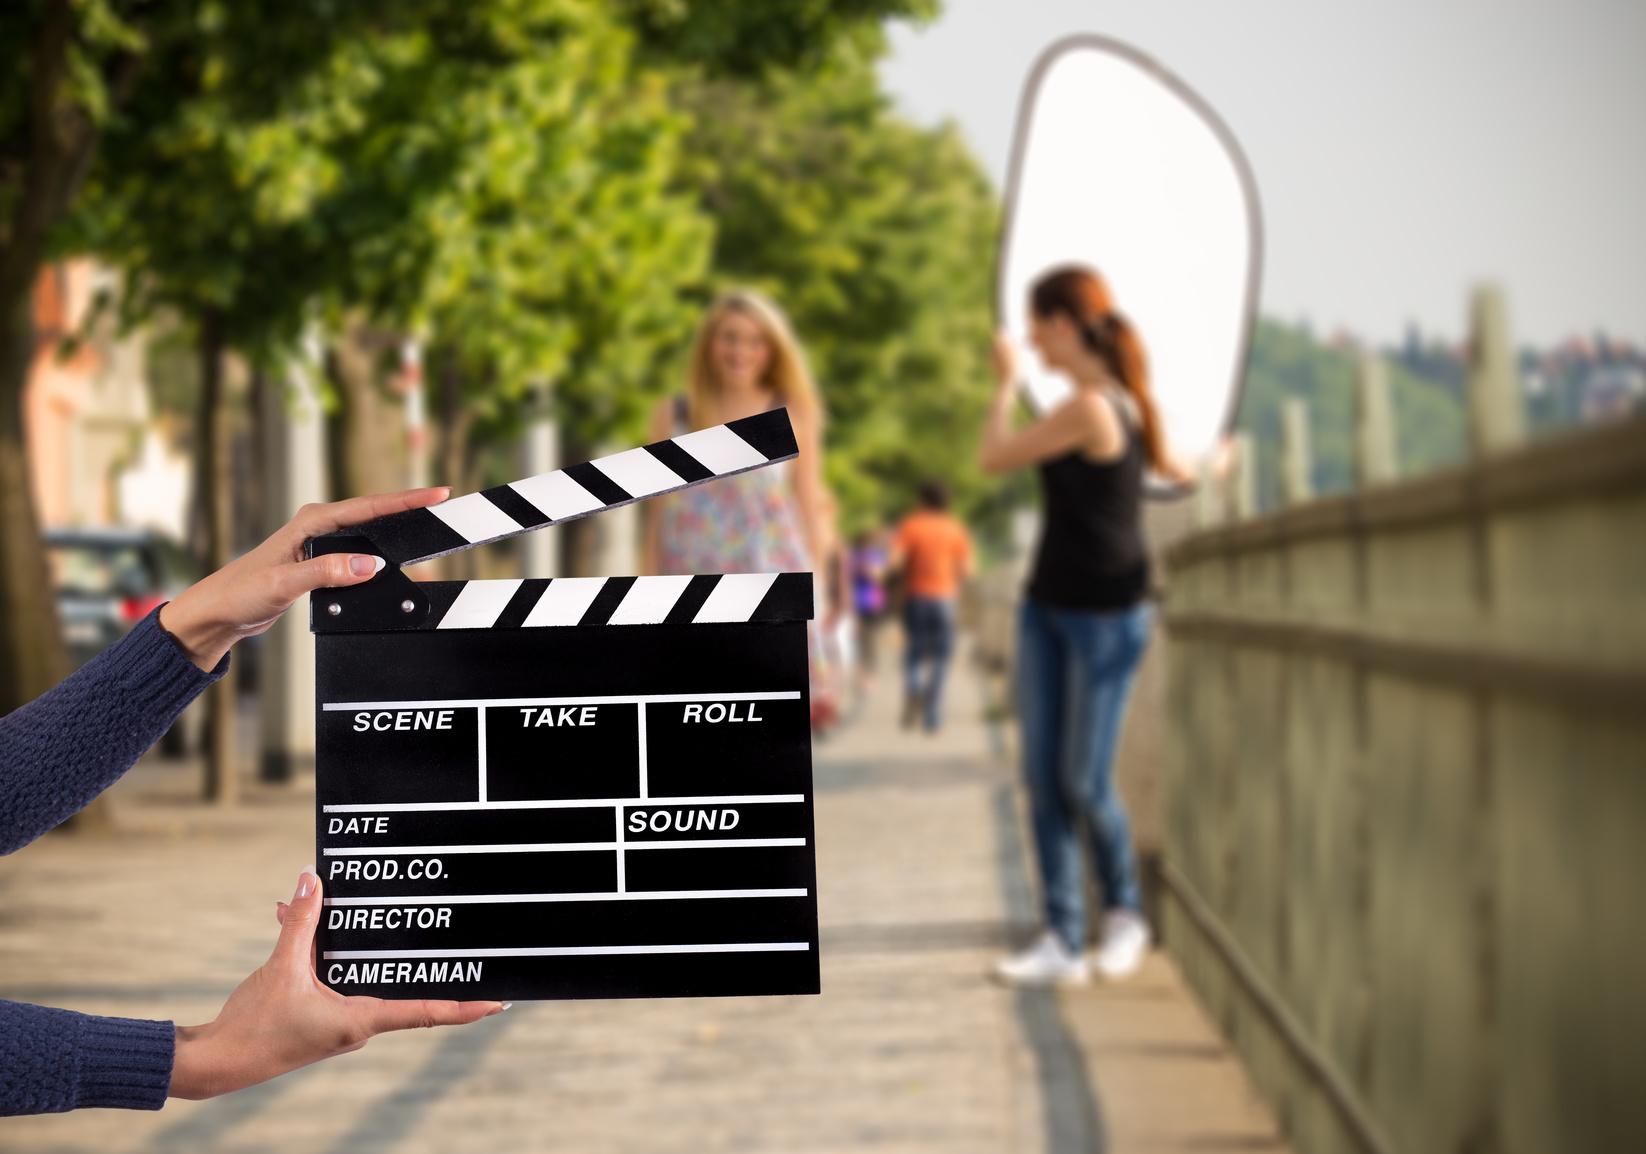 """Licht! Kamera! Action! – Klappe die erste für """"Wie werde ich Filmemacher?"""""""